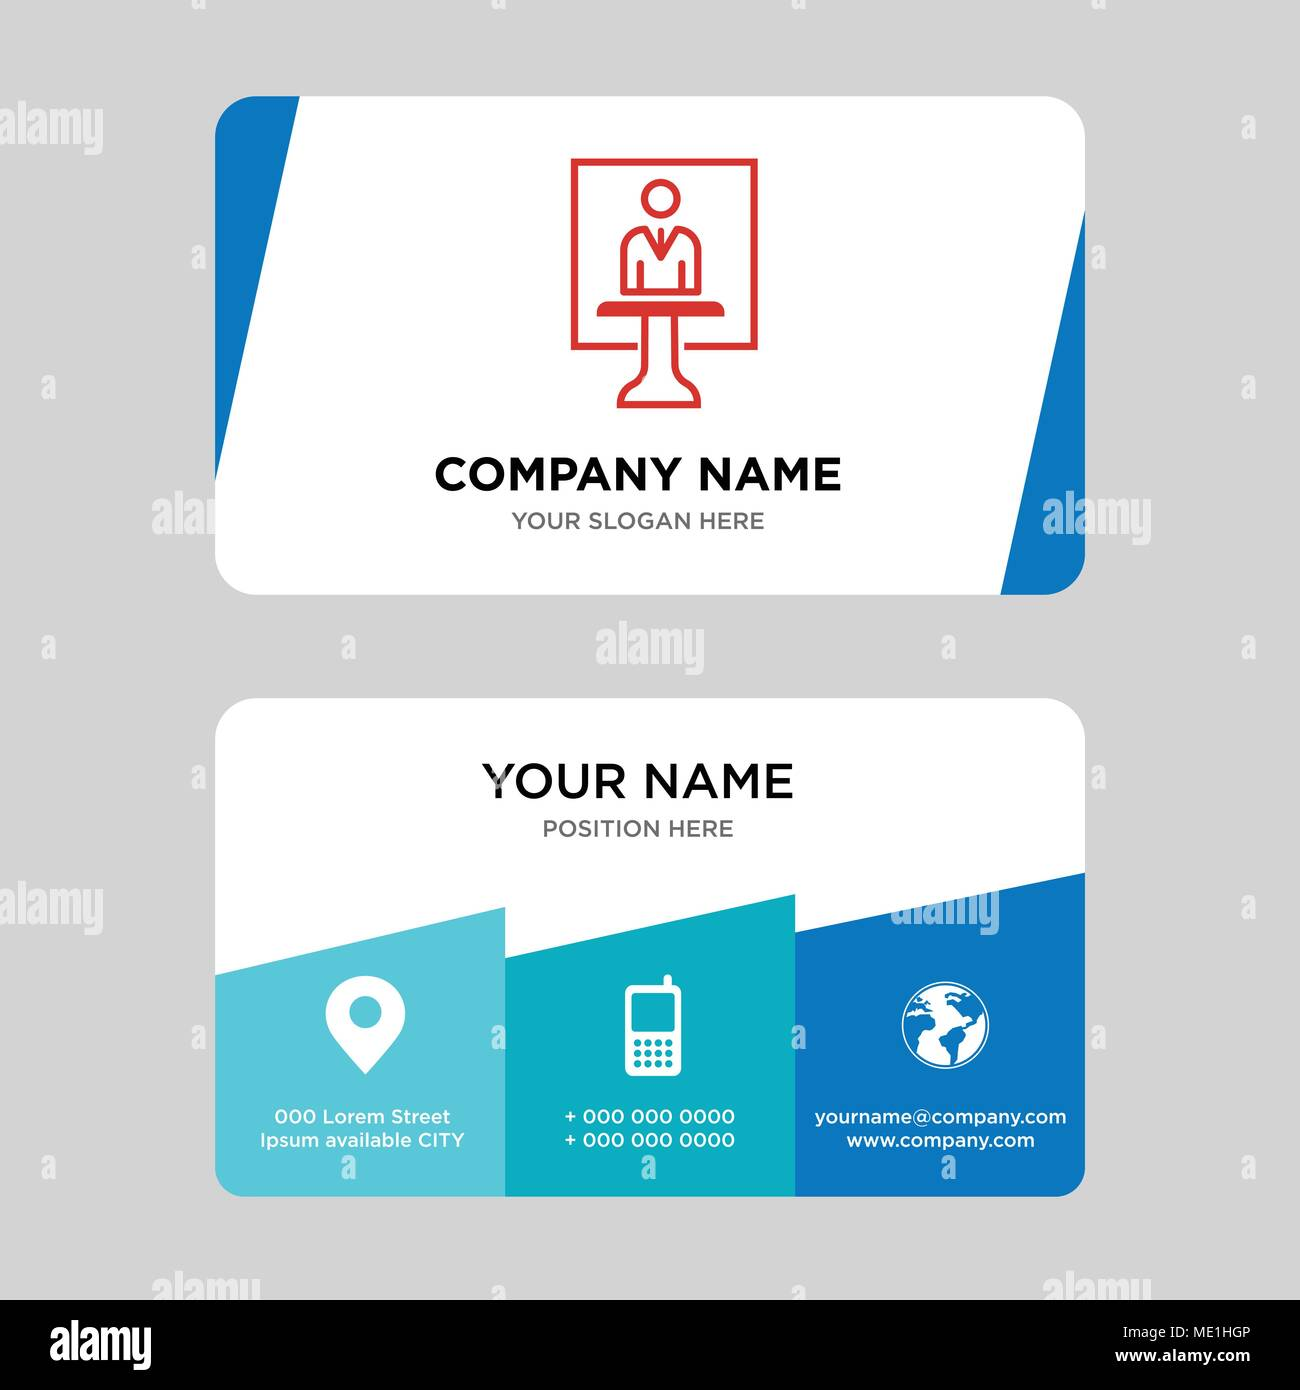 plantilla de diseño de tarjeta de presentación del presentador